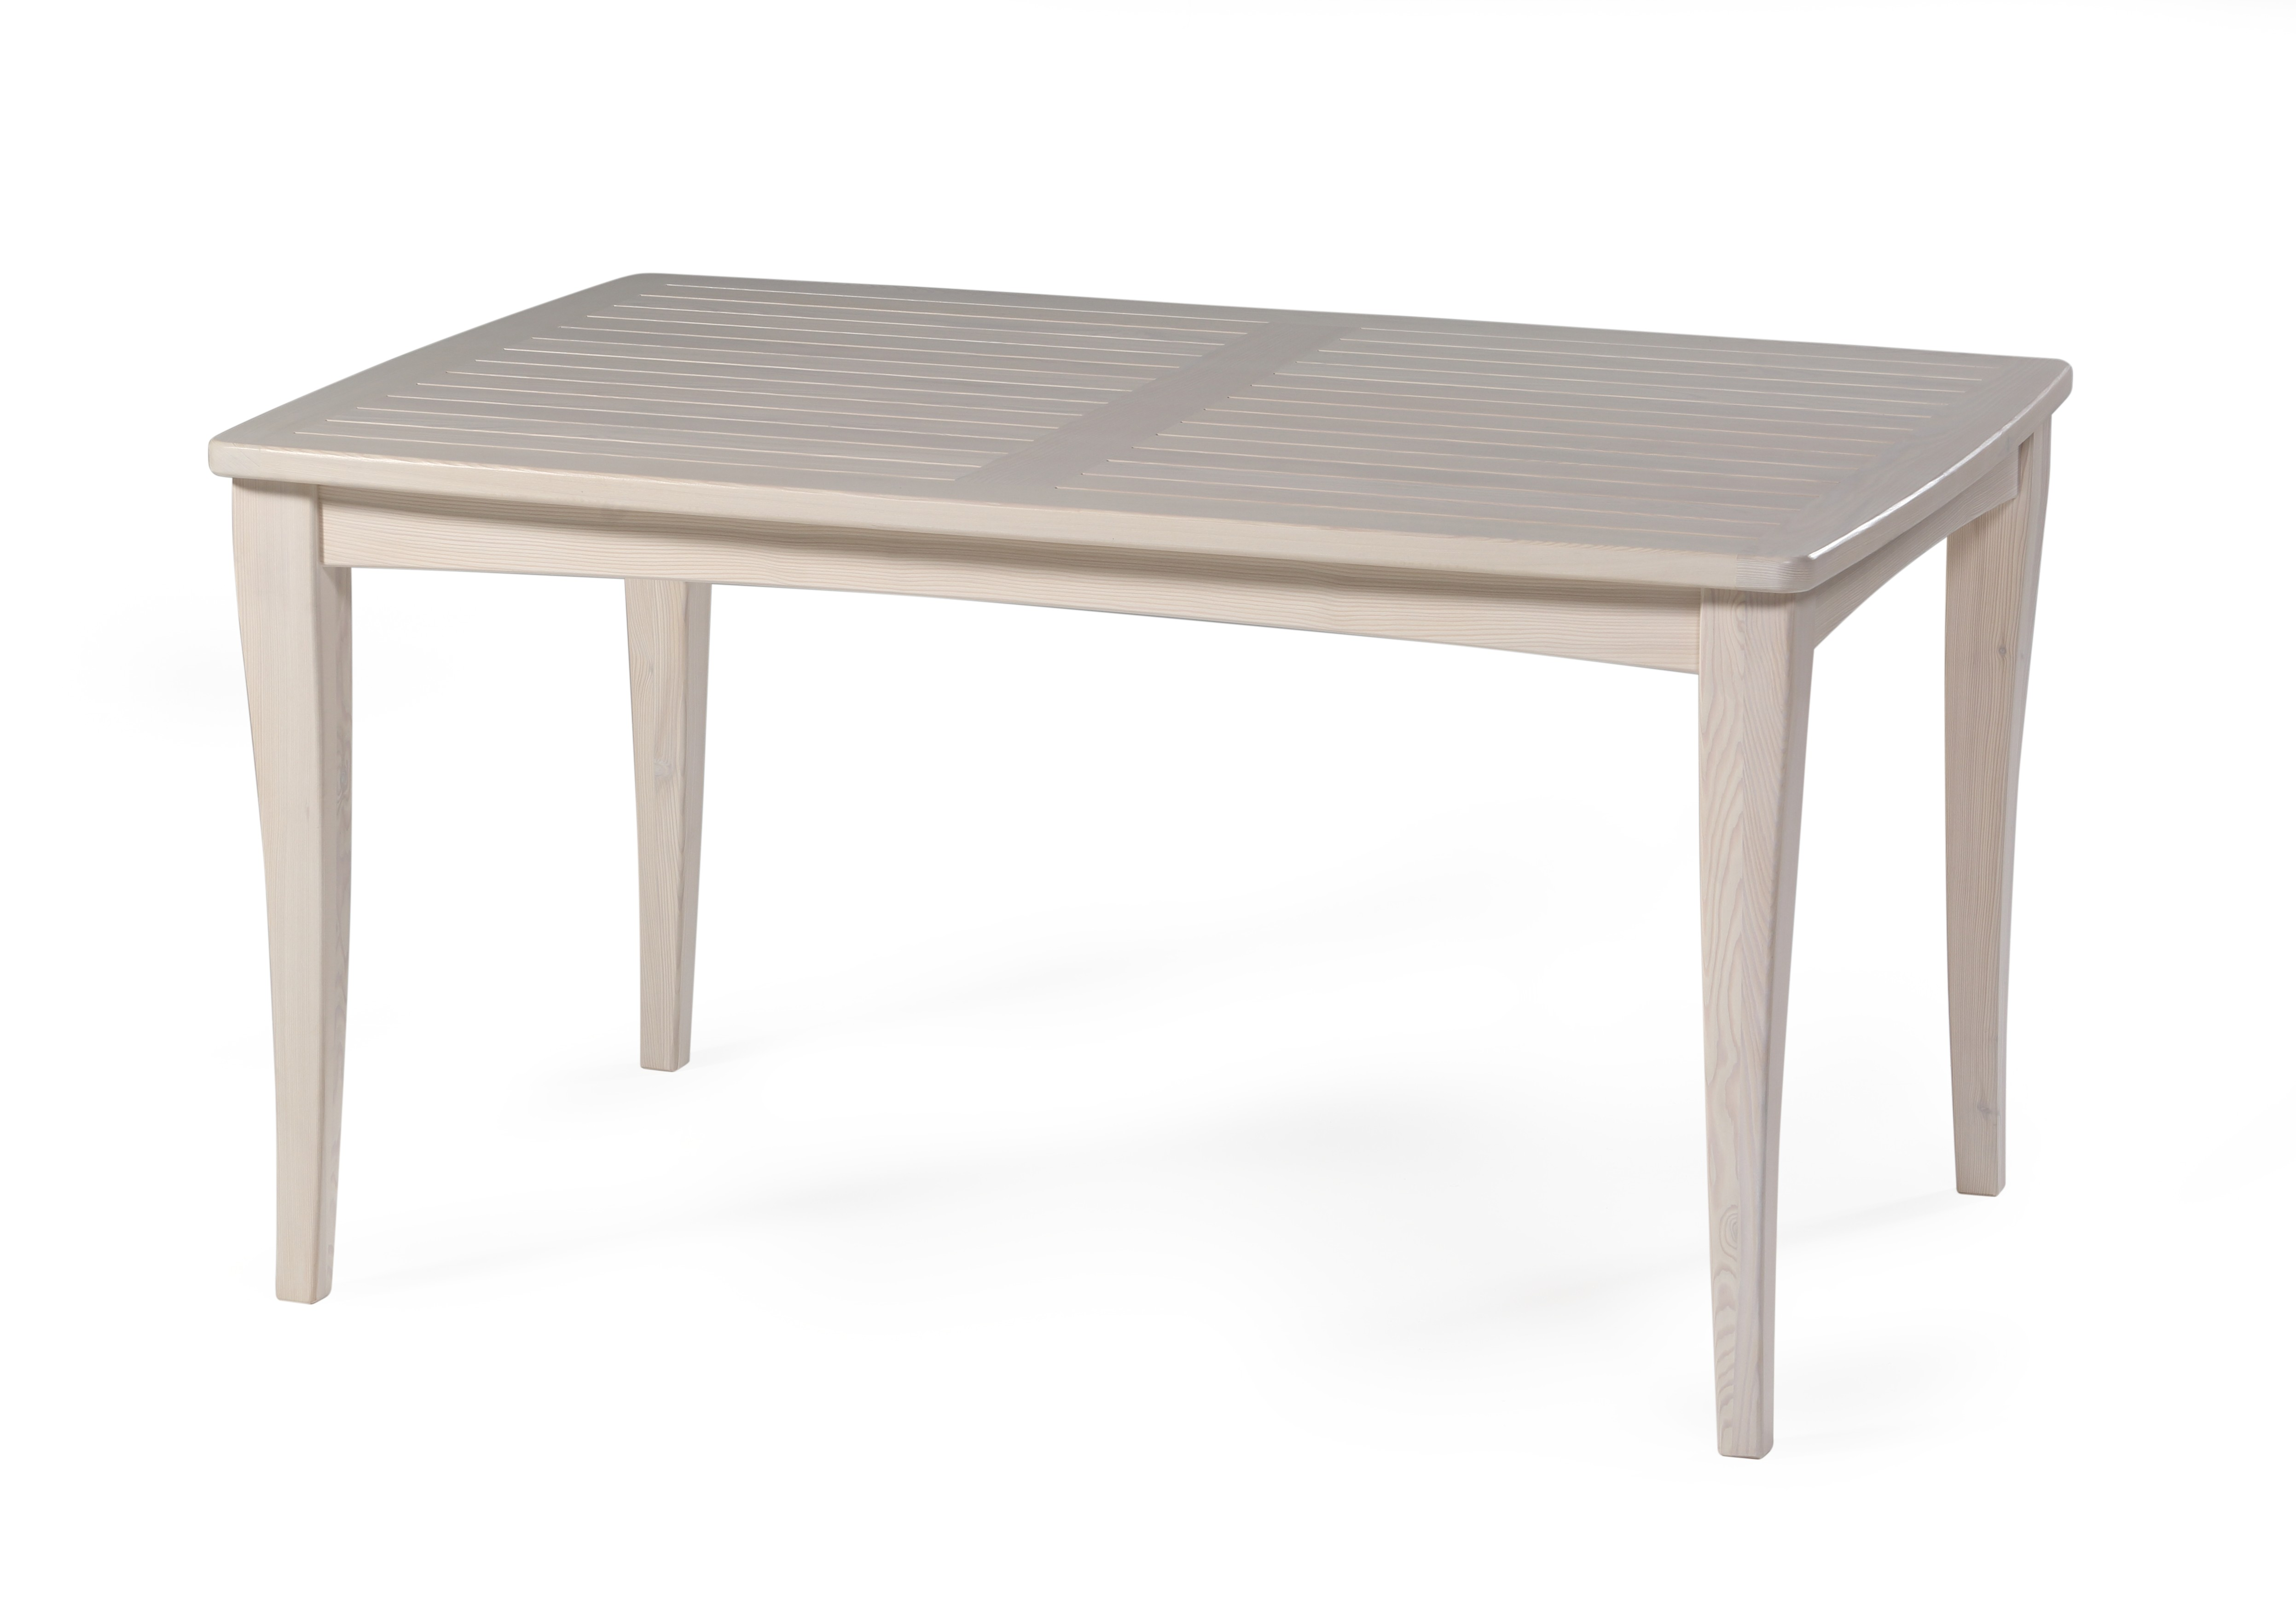 Стол АристократСтолы и столики для сада<br>Изделие изготовлено из натуральной древесины хвойных пород.<br><br>Material: Дерево<br>Width см: 78<br>Depth см: 151<br>Height см: 104